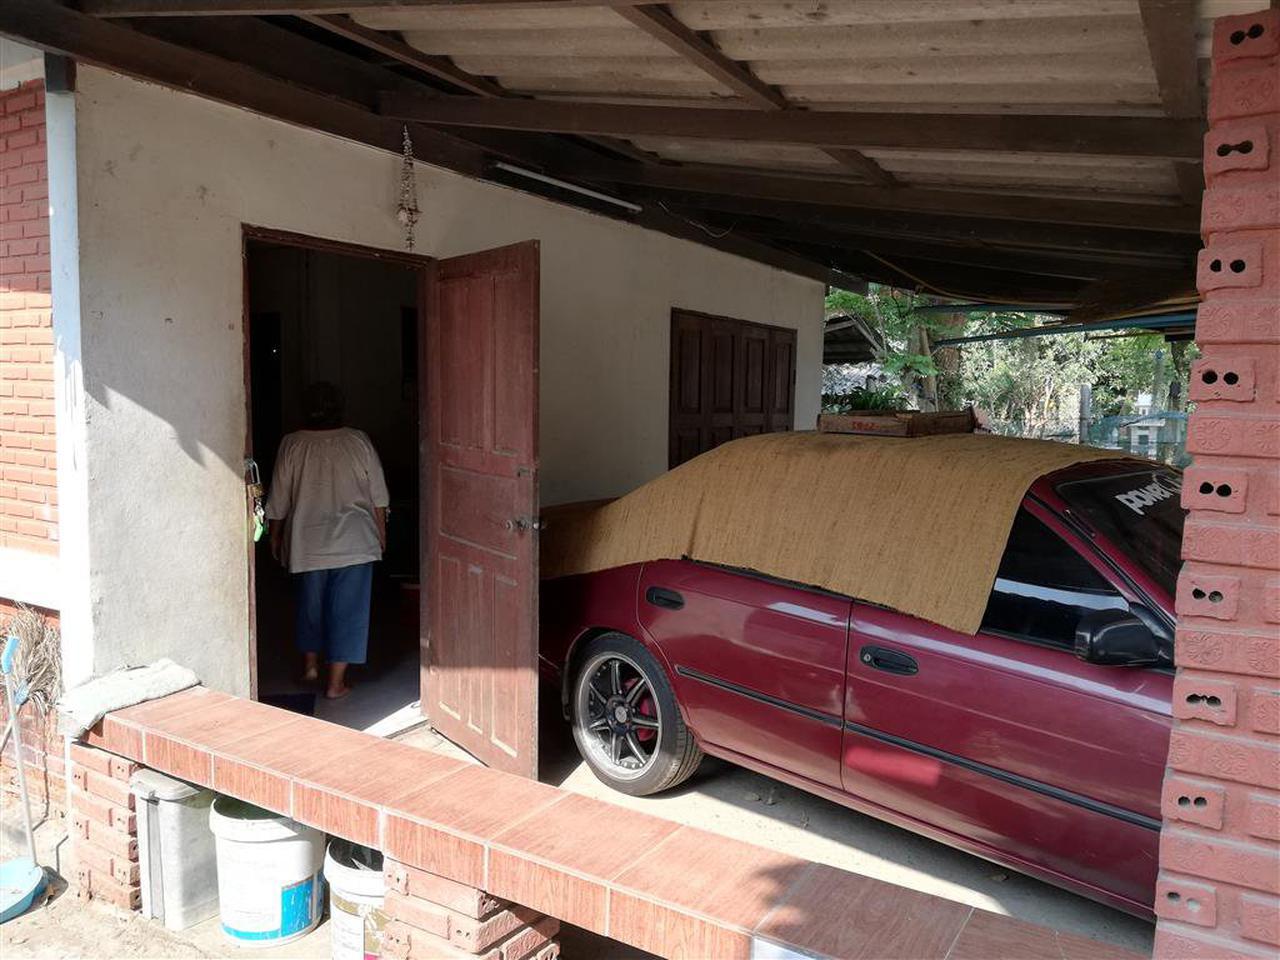 SS159ขายบ้านพร้อมที่ดิน114ตรว.ติดทางสาธารณประโยชน์ ที่เข้ามา รูปที่ 5